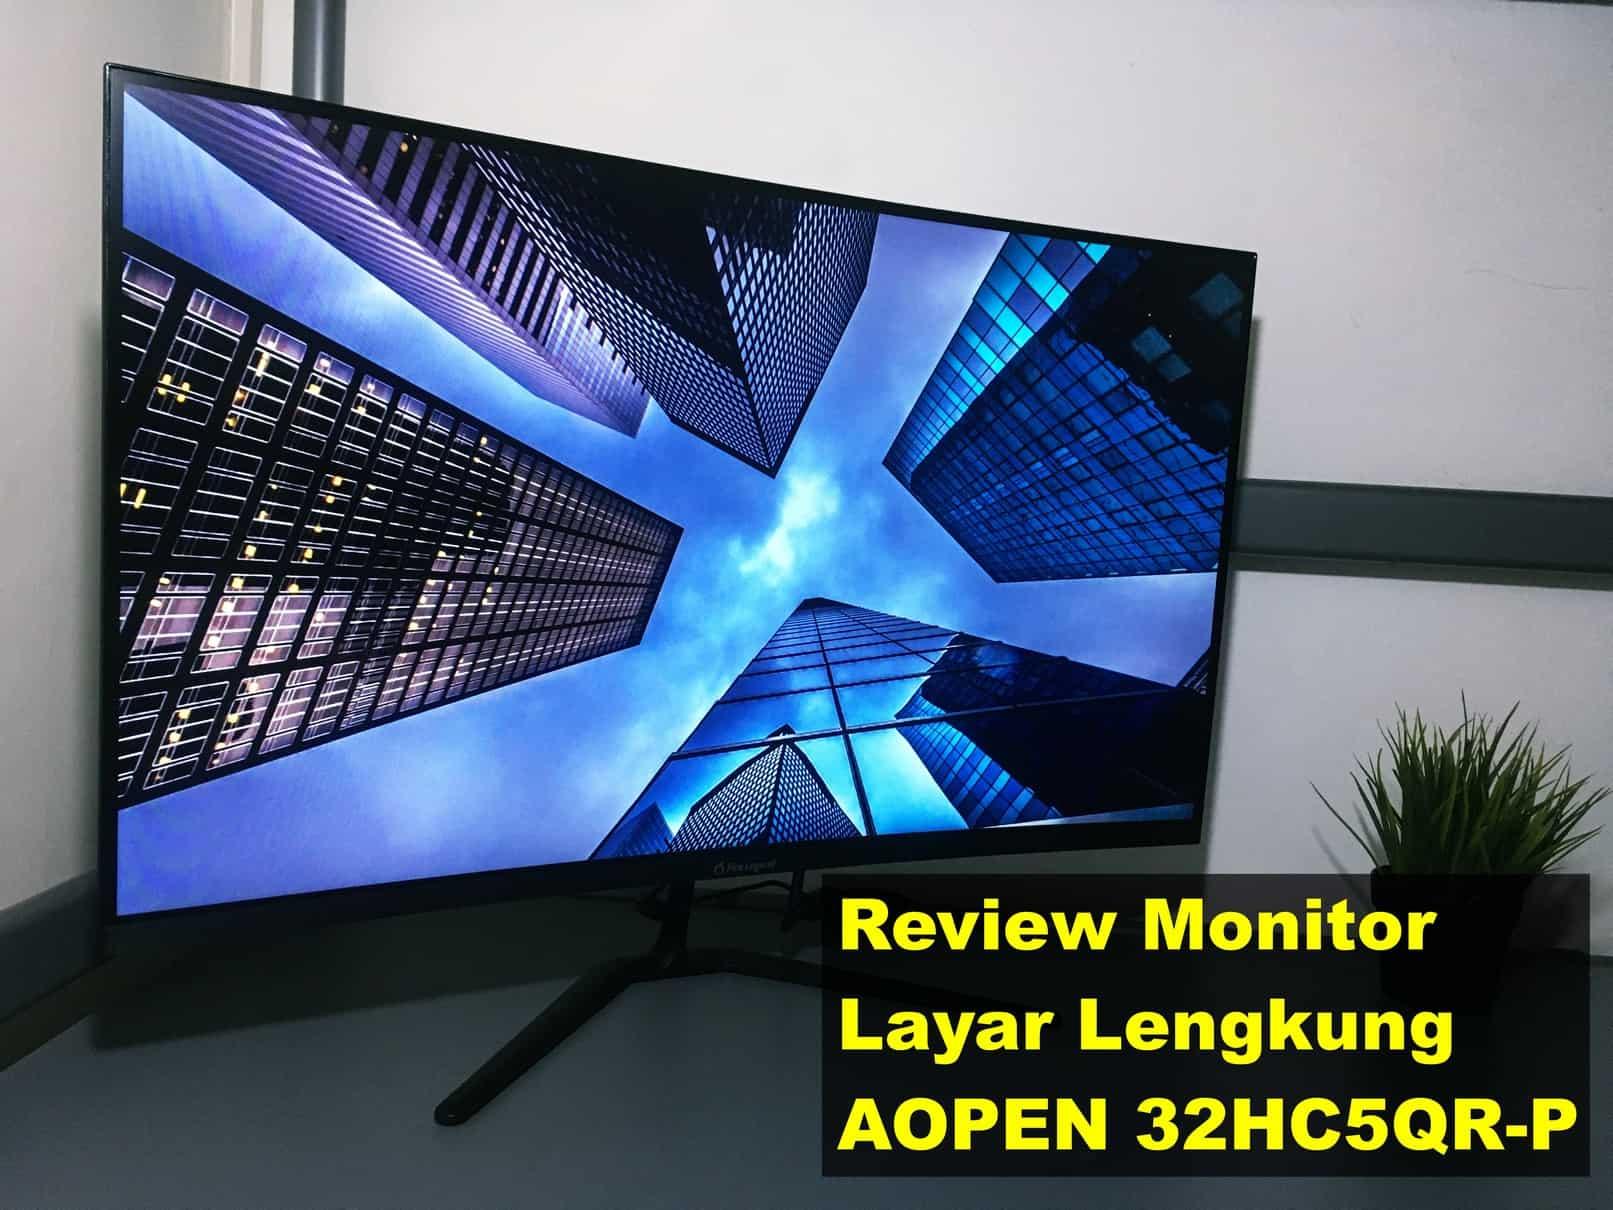 Review Monitor Layar Lengkung AOPEN 32HC5QR-P